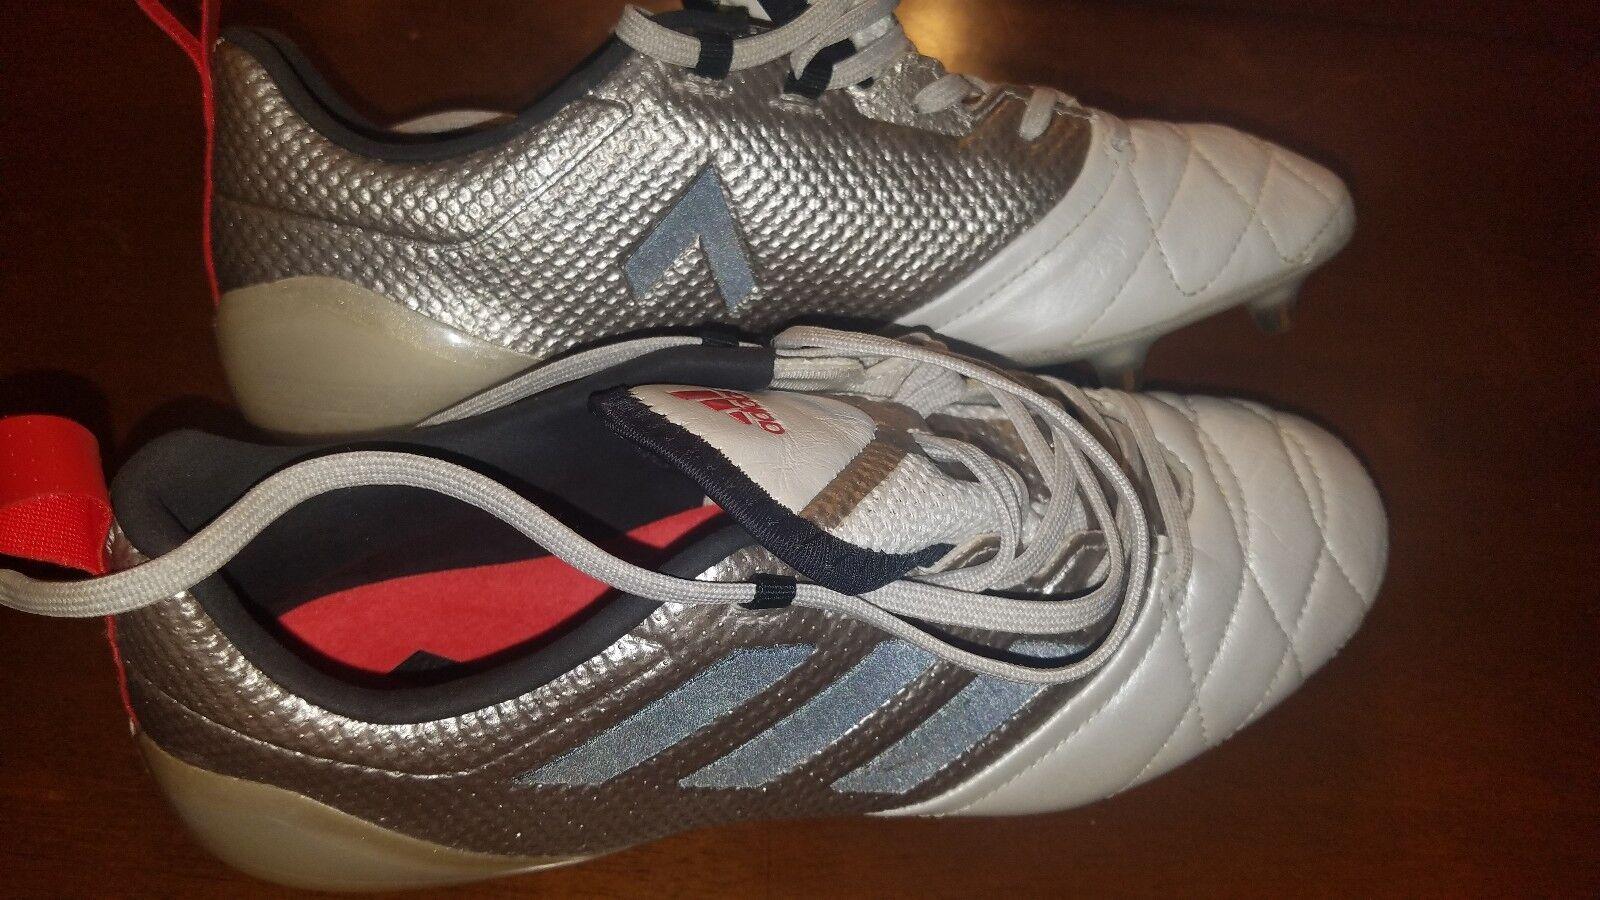 Nuevas Adidas Mujer Ace 17.1 Fg Pro Botines De Fútbol platino metálico negro